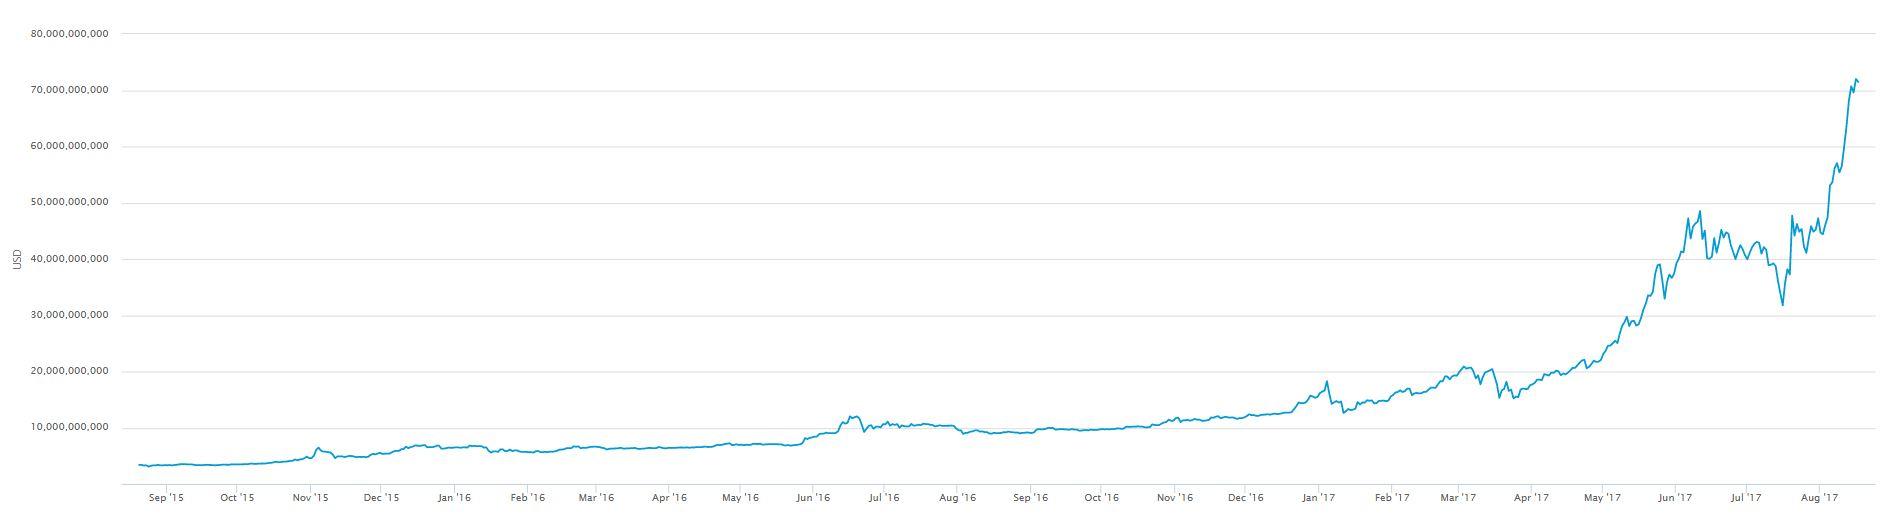 ビットコイン時価総額(2017年8月現在)